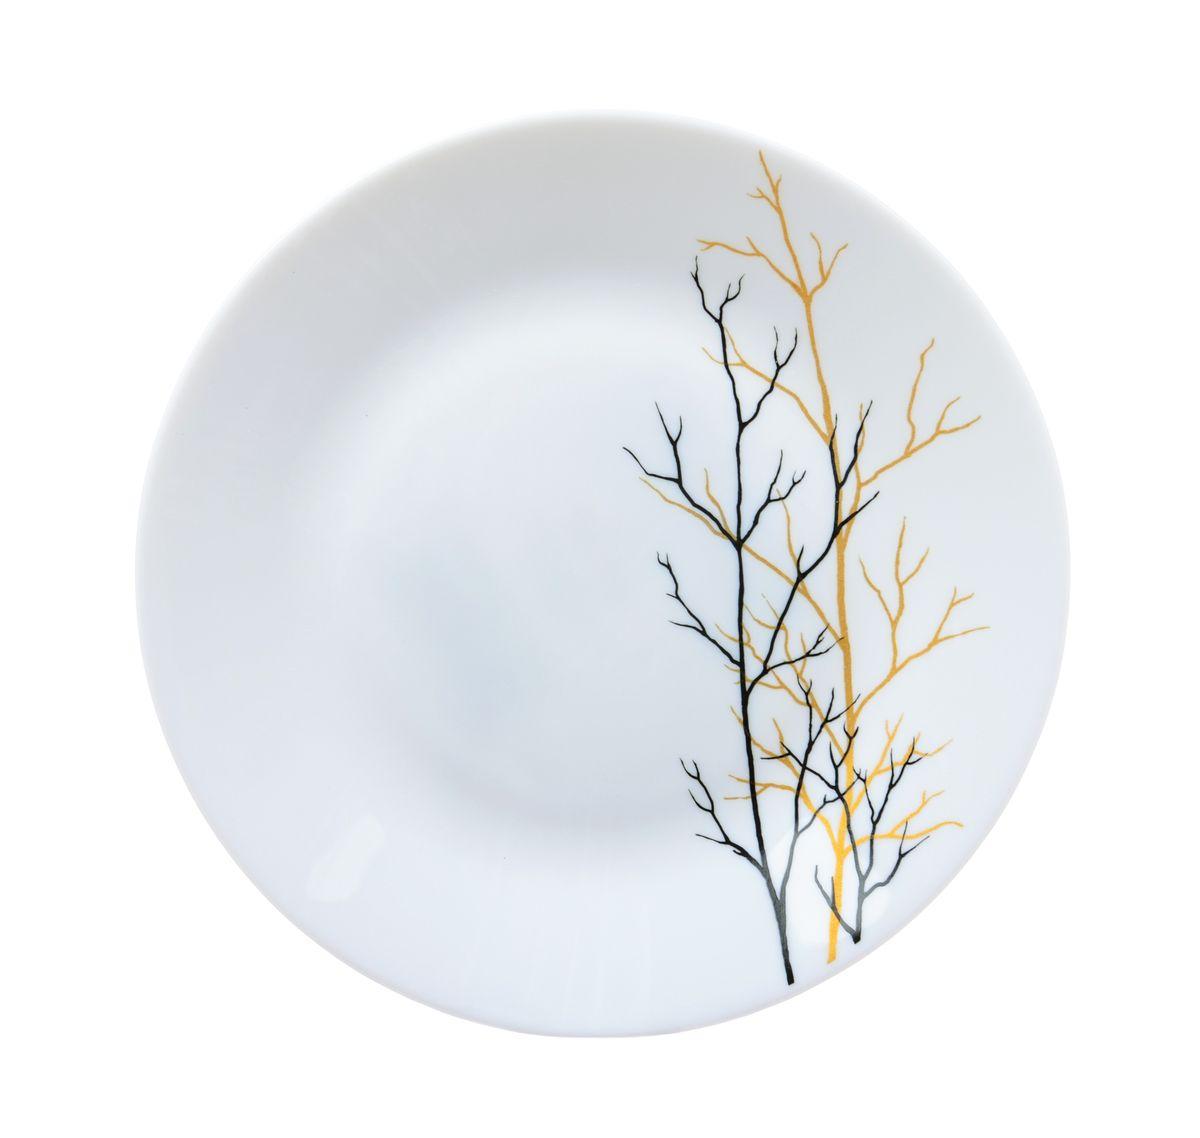 Тарелка десертная La Opala Золотая осень, диаметр 19 смOPAF002Тарелка десертная La Opala Золотая осень изготовлена из высококачественной стеклокерамики. Предназначена для красивой подачи различных блюд. Изделие украшено ярким рисунком. Такая тарелка украсит сервировку стола и подчеркнет прекрасный вкус хозяйки. Можно мыть в посудомоечной машине и использовать в микроволновой печи. Диаметр: 19 см. Высота: 2 см.